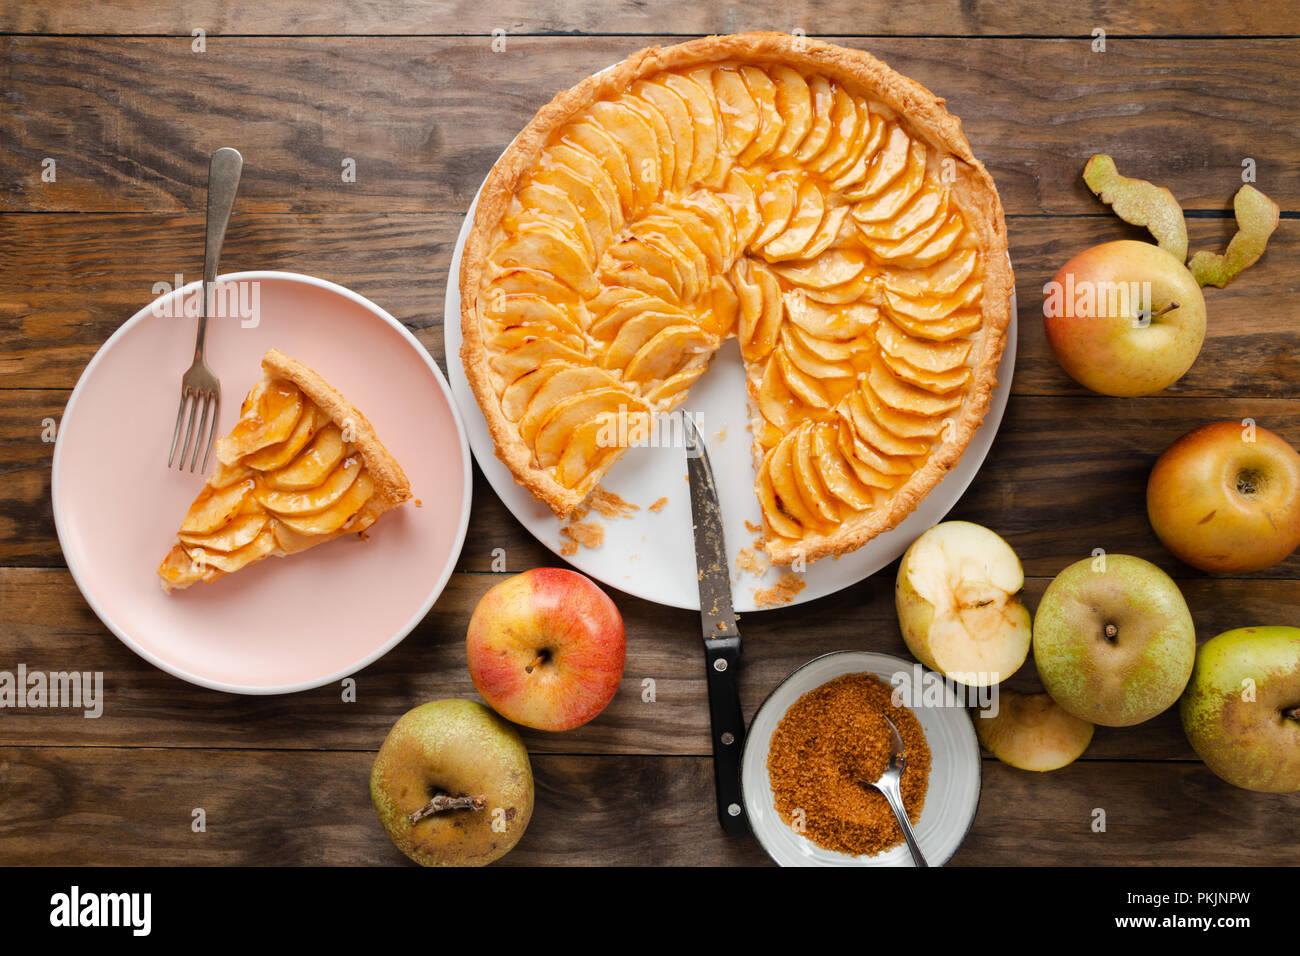 Traditionelle Apfelkuchen Kuchen mit Pudding füllen und Stauzugangsklappe auf einem rustikalen Holztisch. Ansicht von oben Stockbild